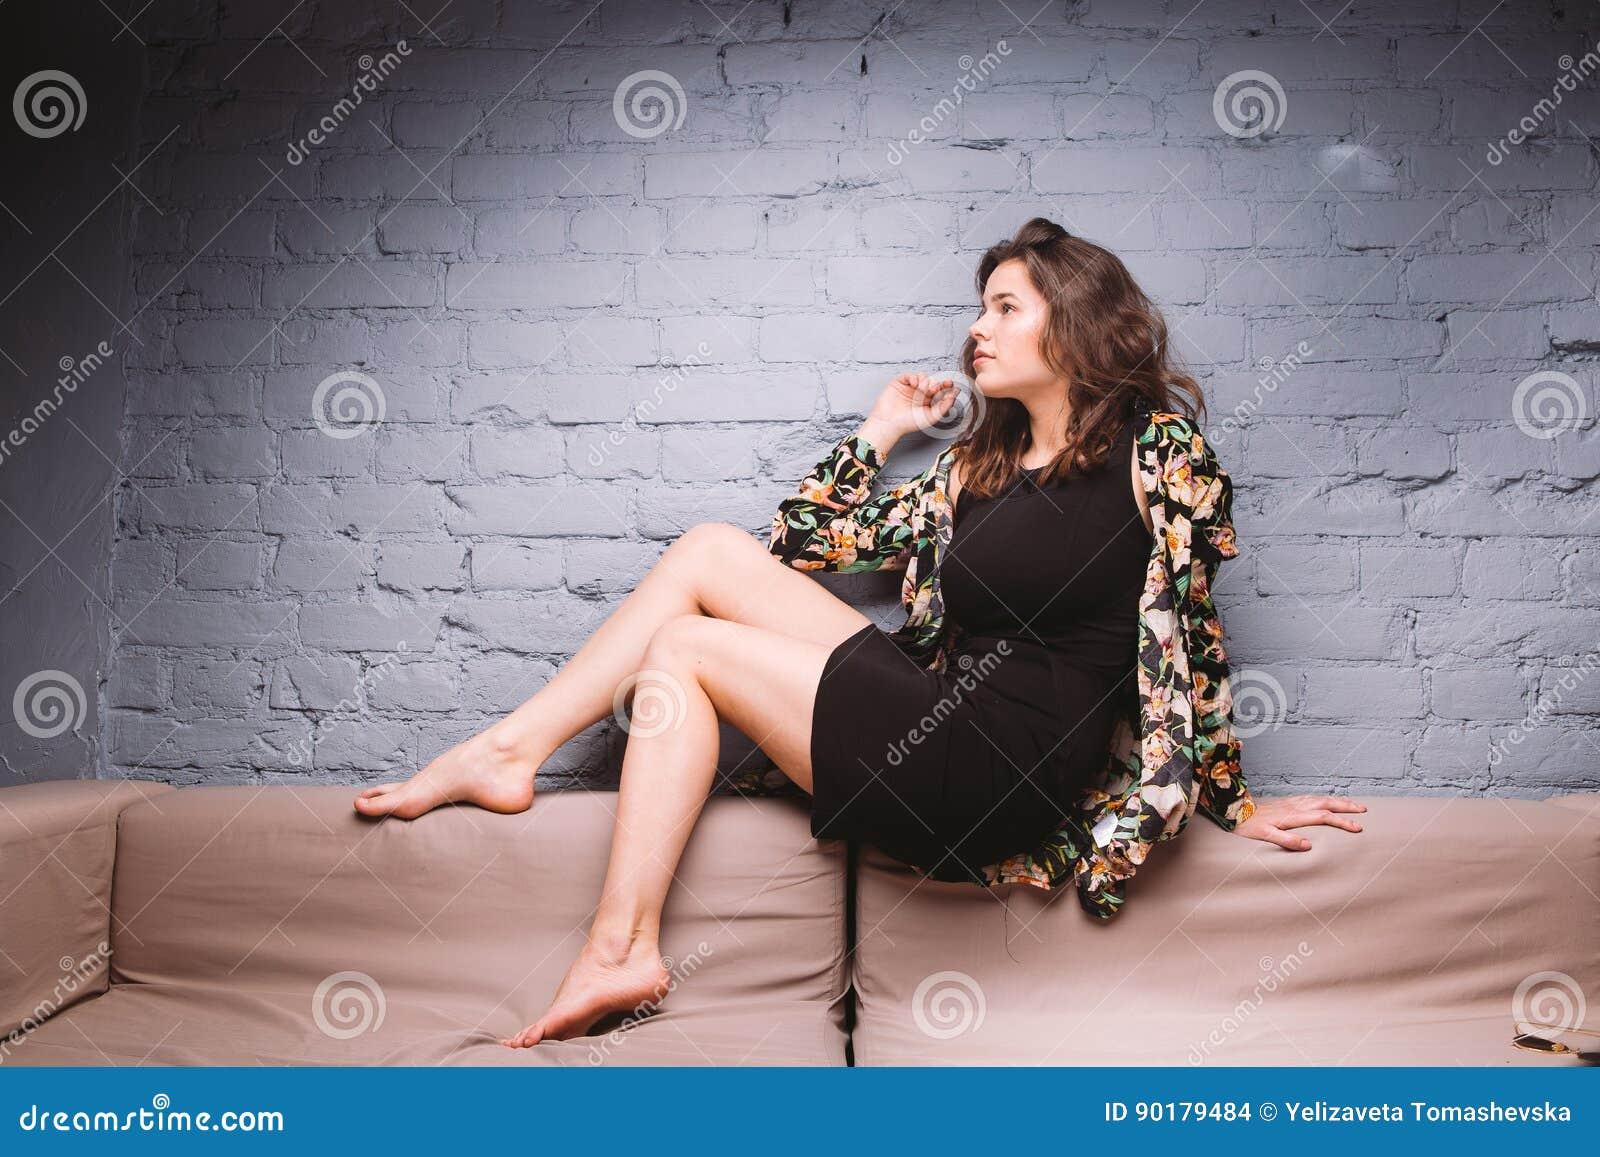 estremo granny anale porno